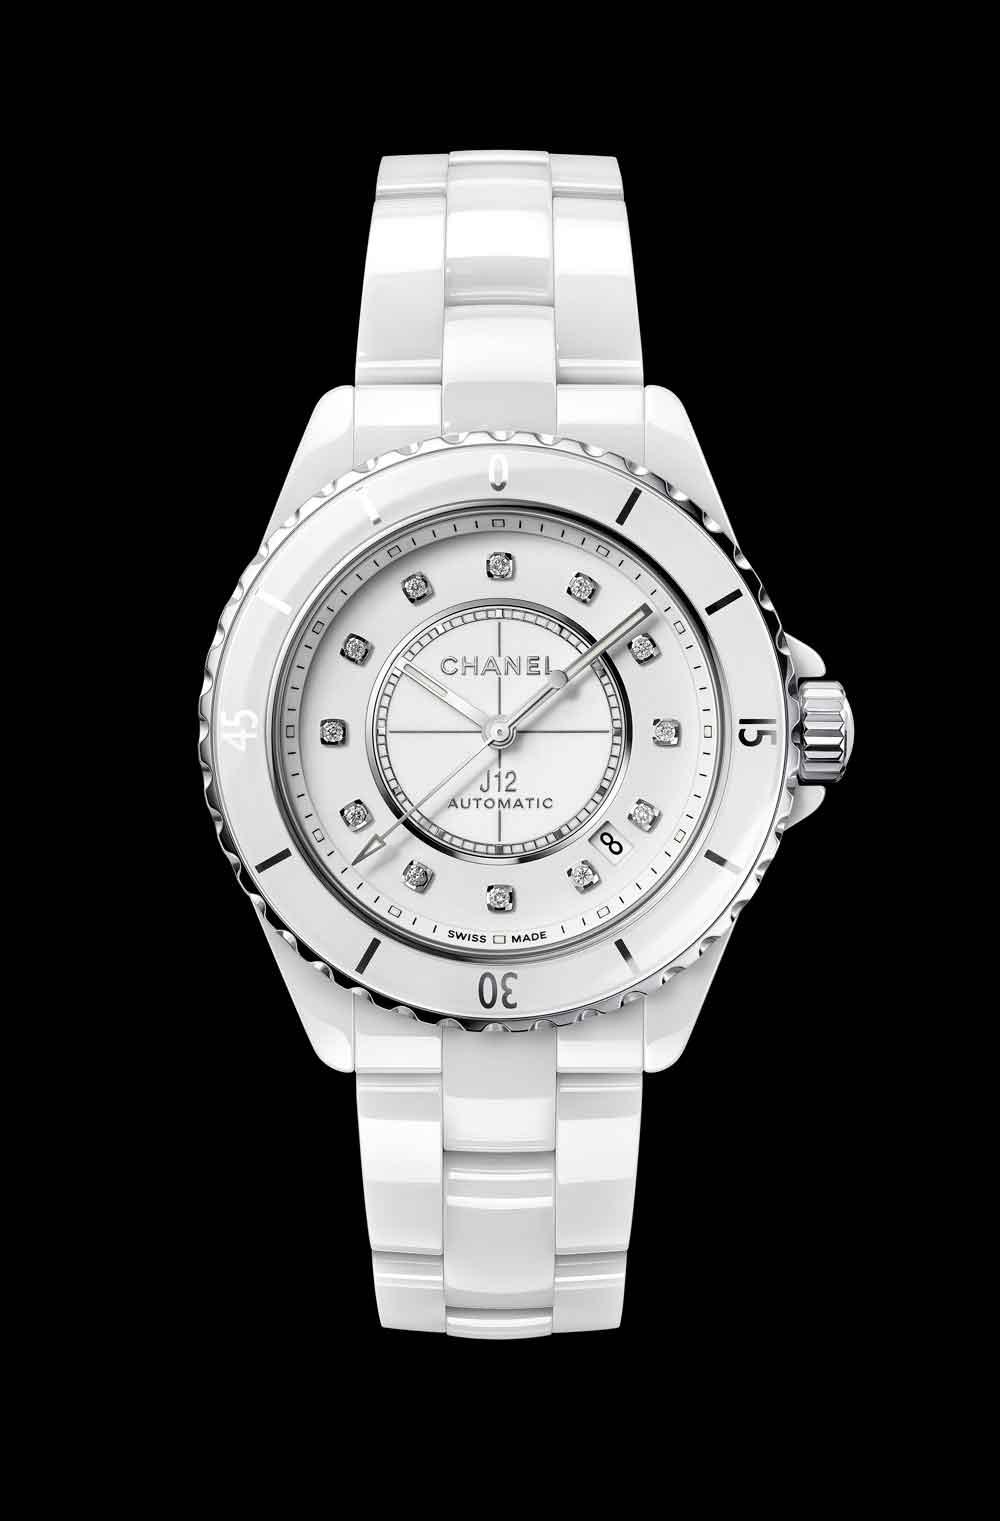 Nuevo reloj Chanel J12 cerámica blanca con diamantes a modo de índicesAC